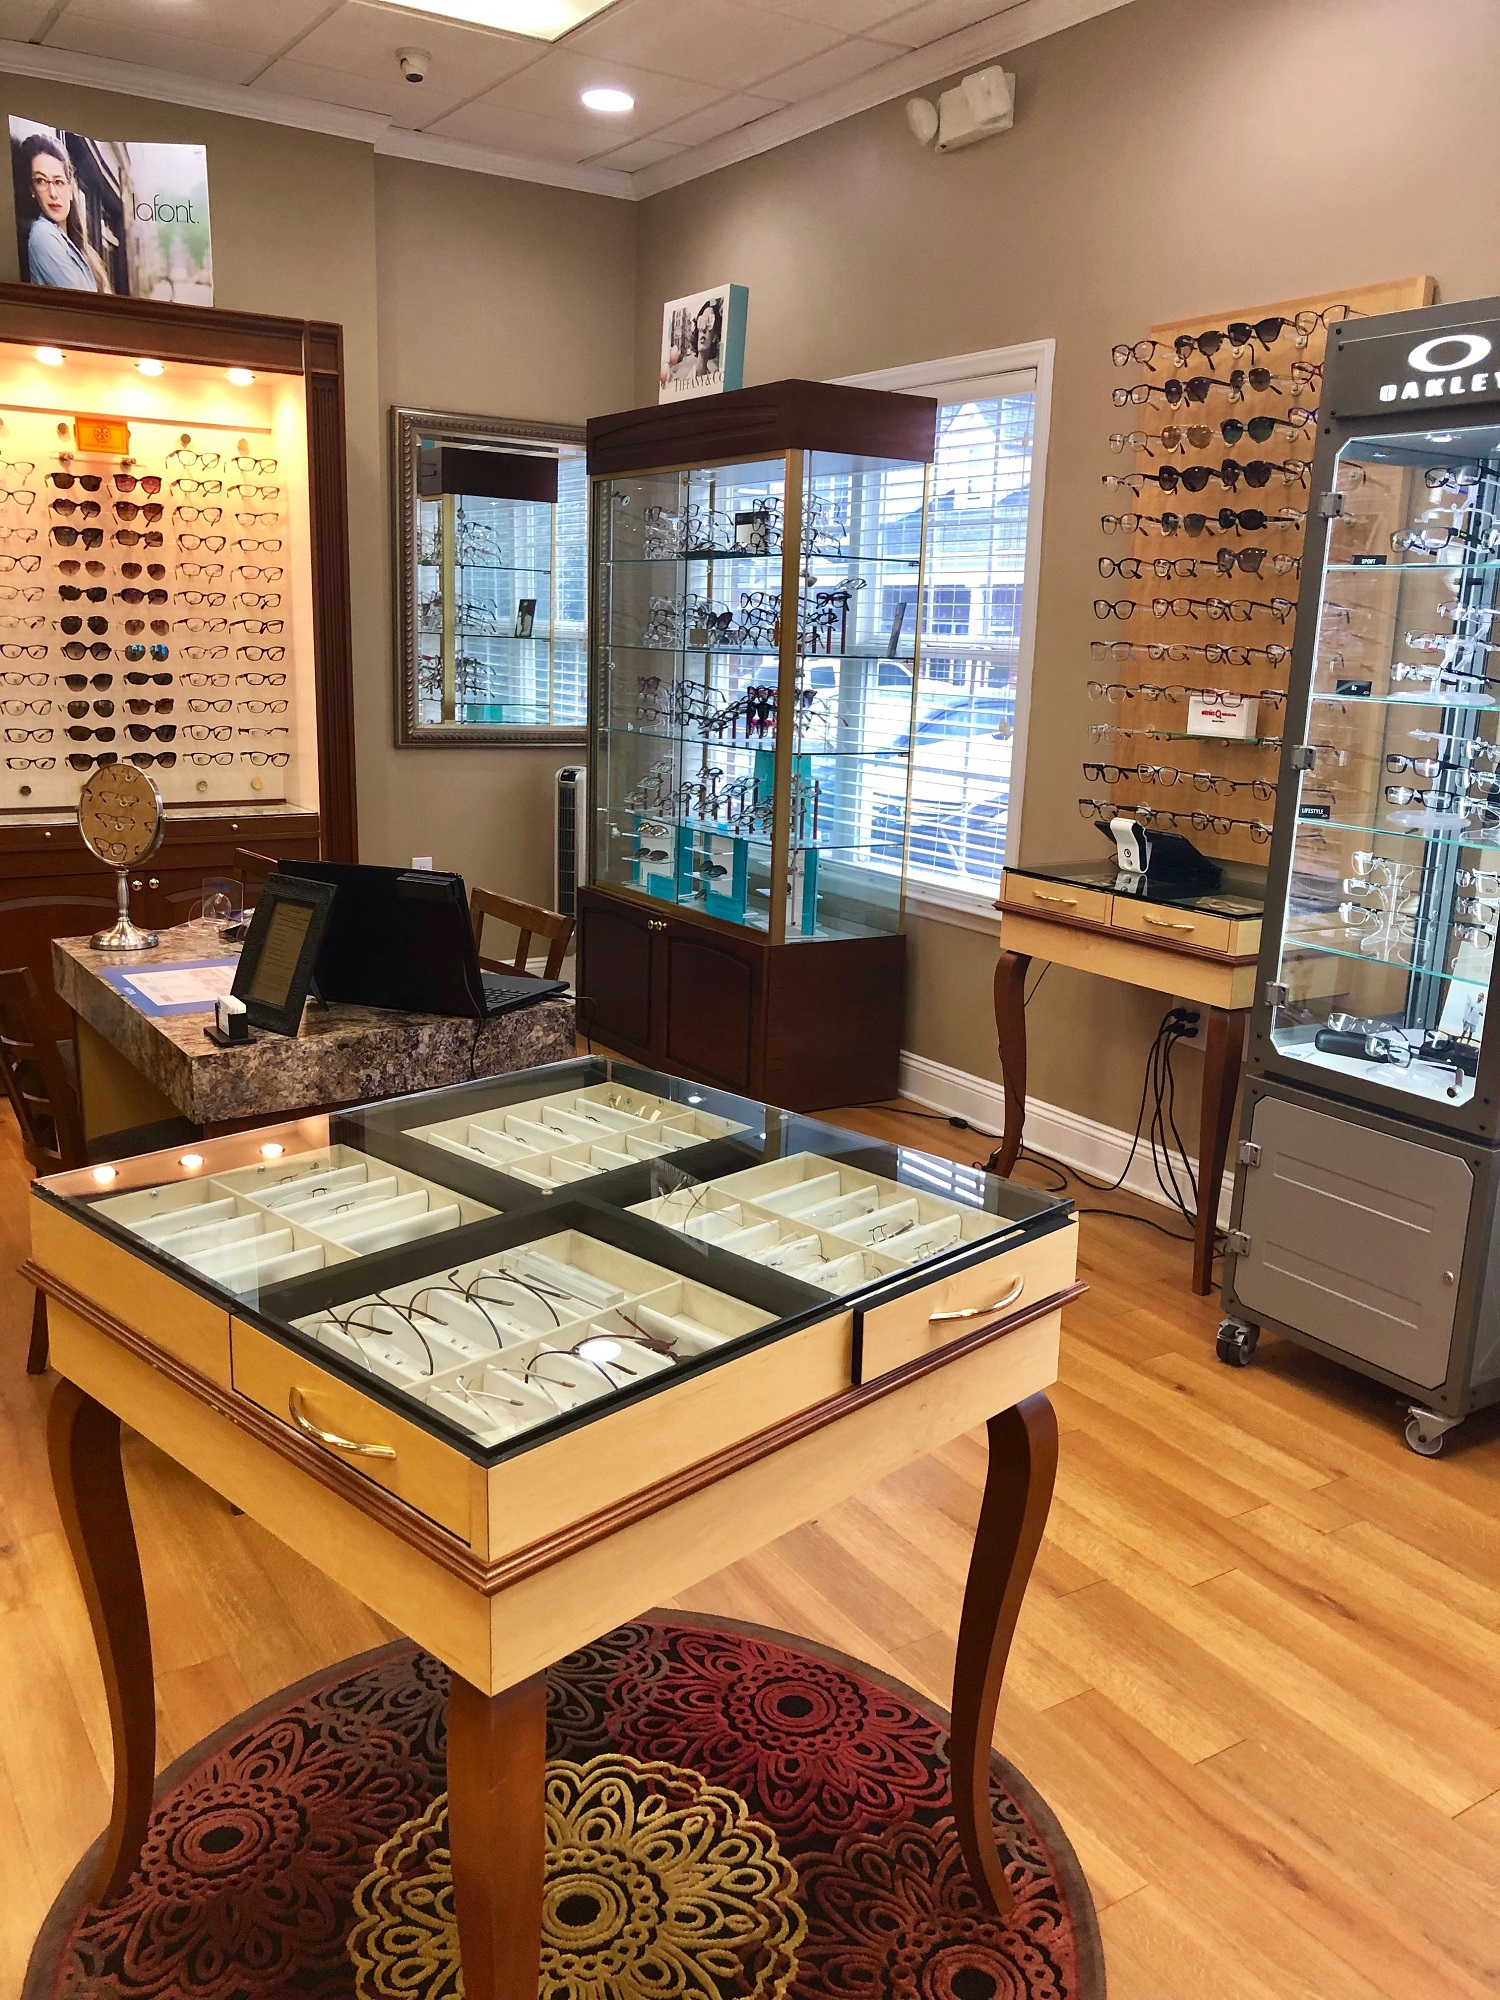 LNEC pic 5 optical boutique